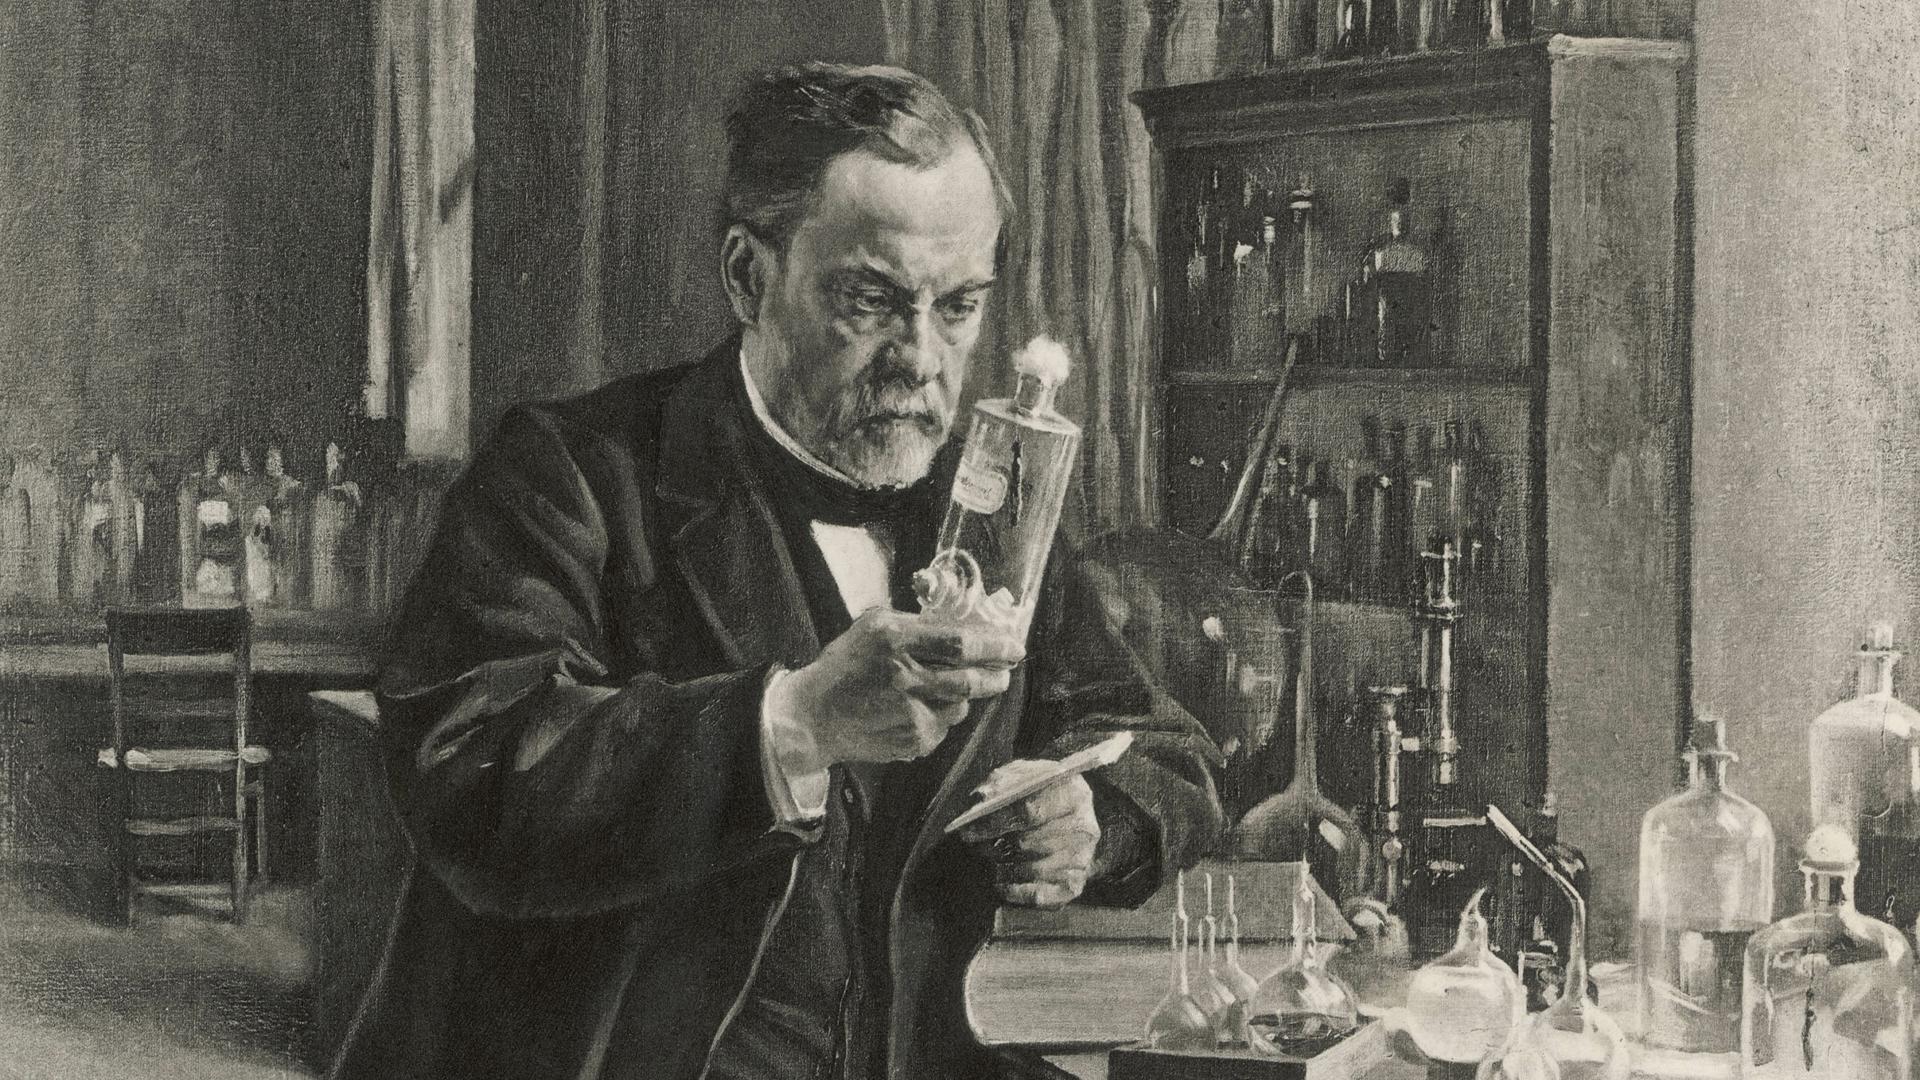 Pasteur le pere de la vaccination